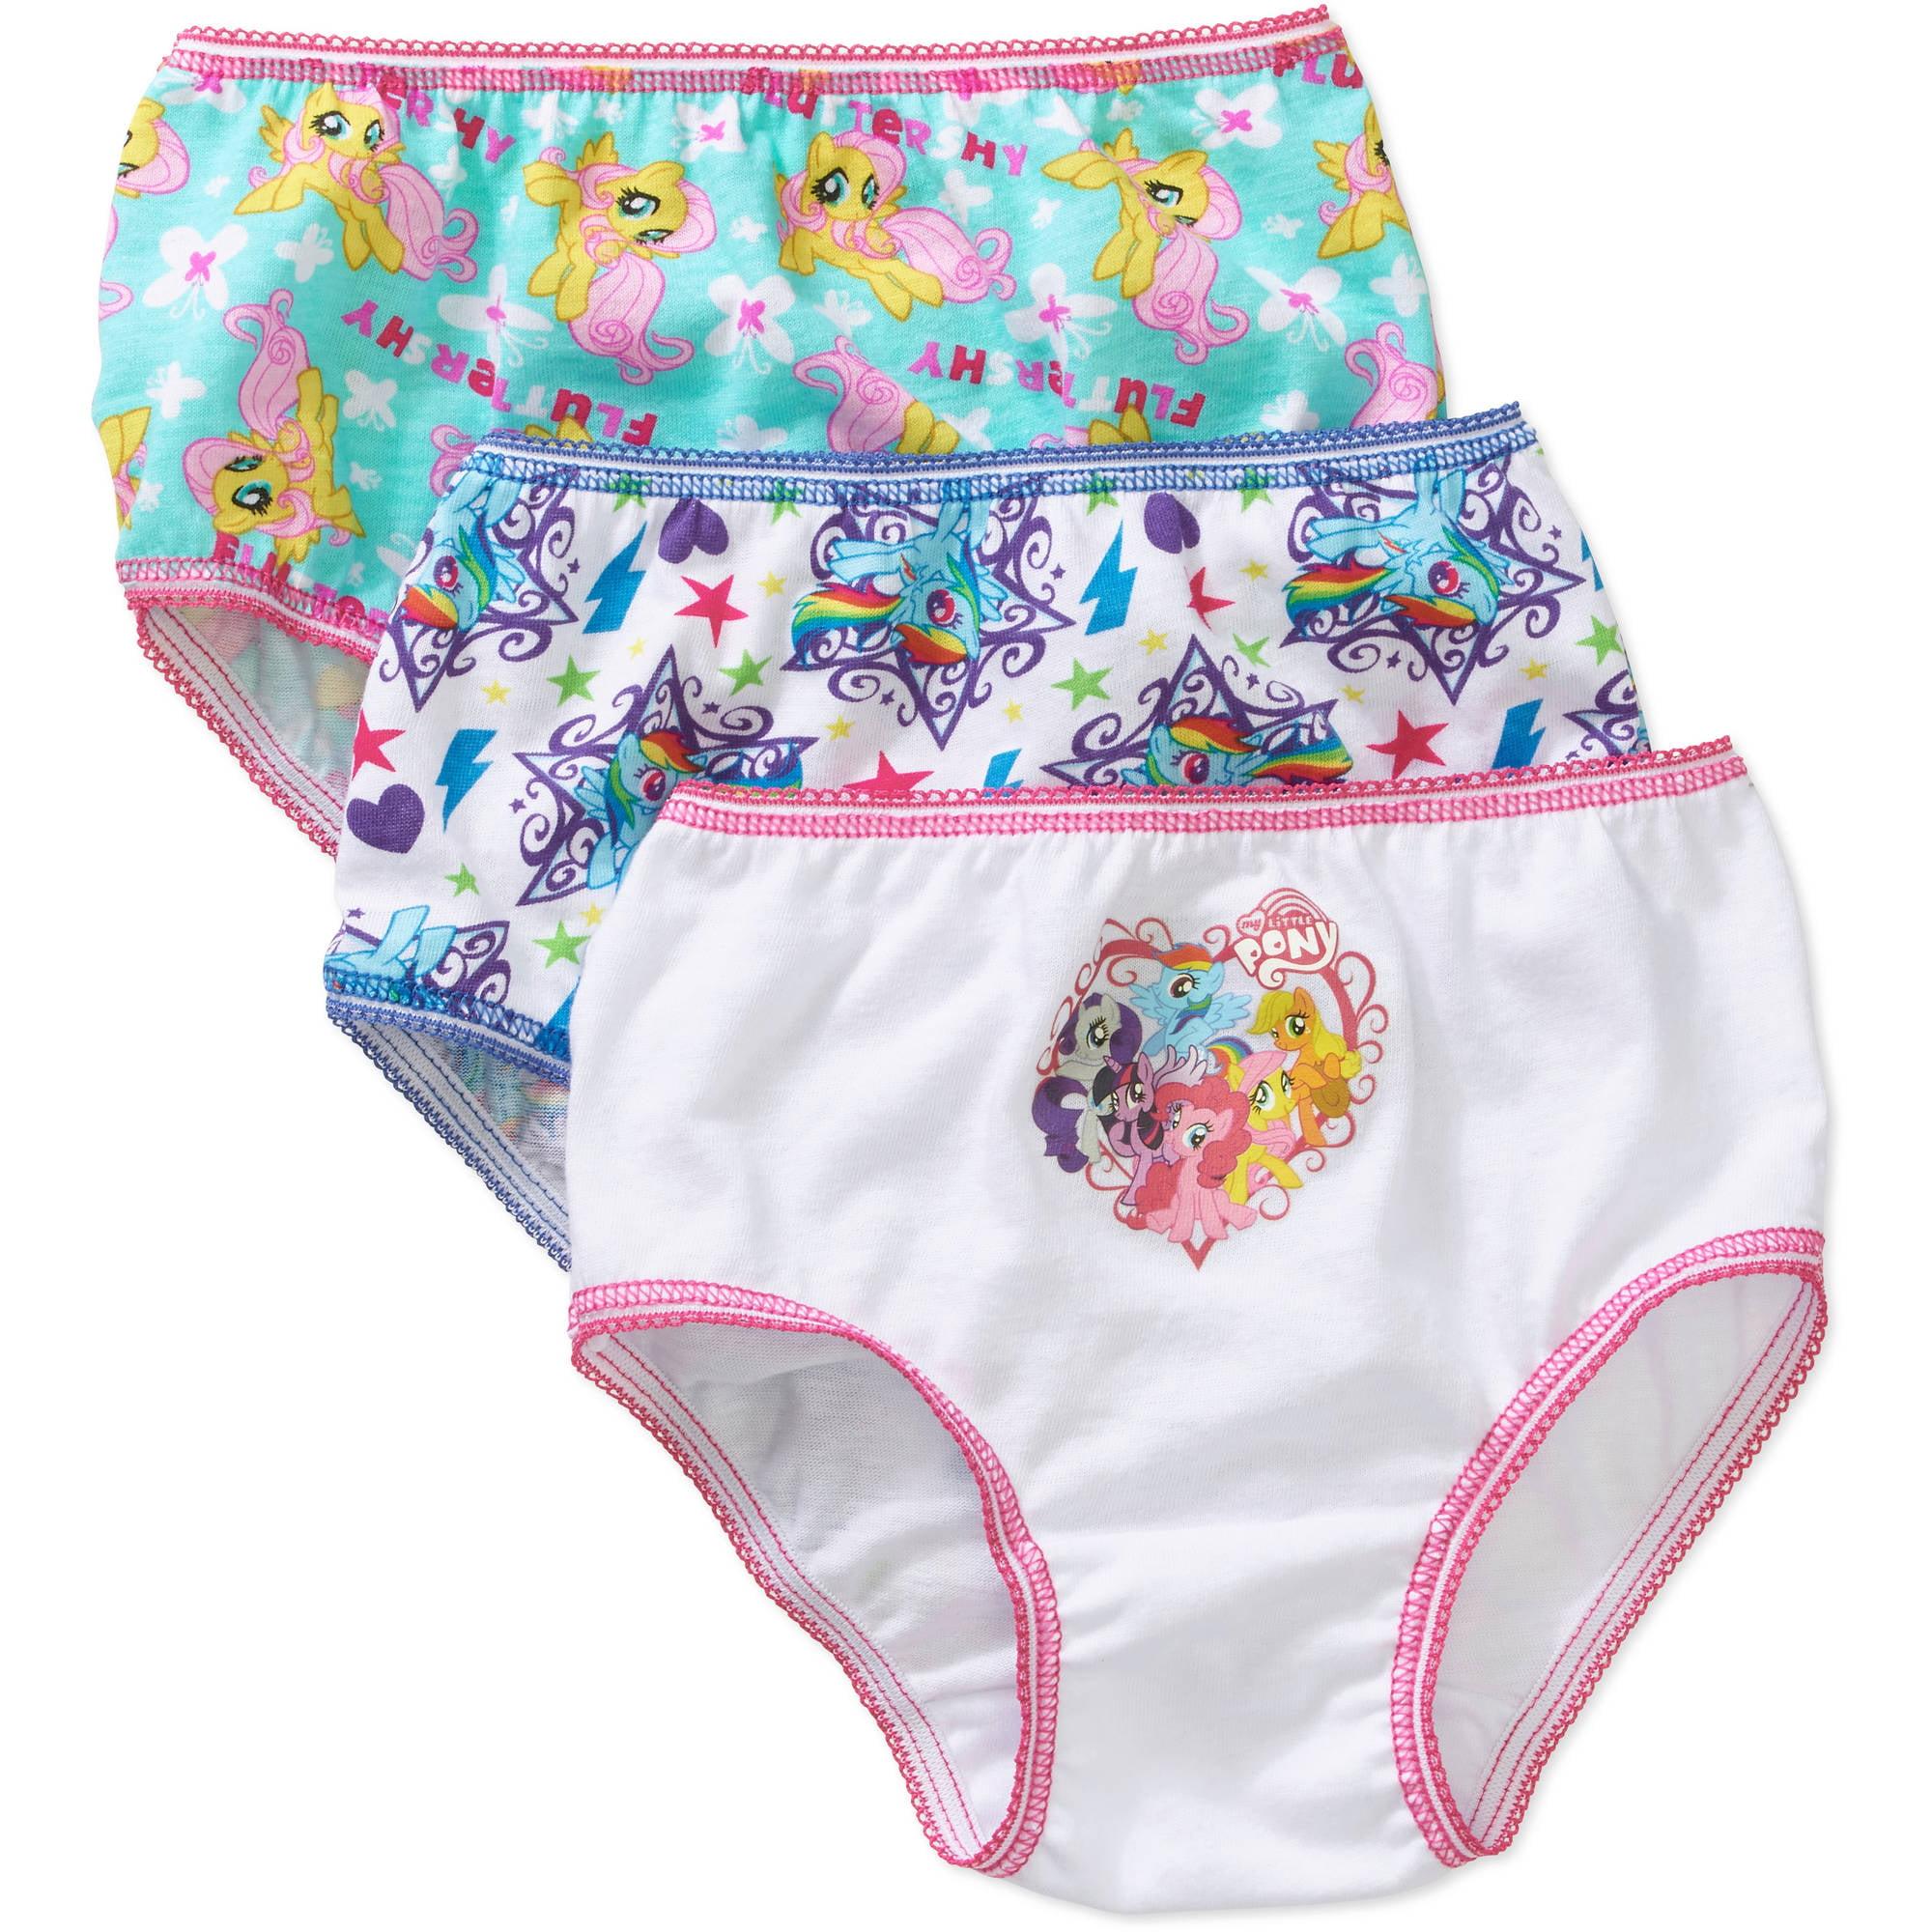 toddler girls underwear 3 pack walmart com